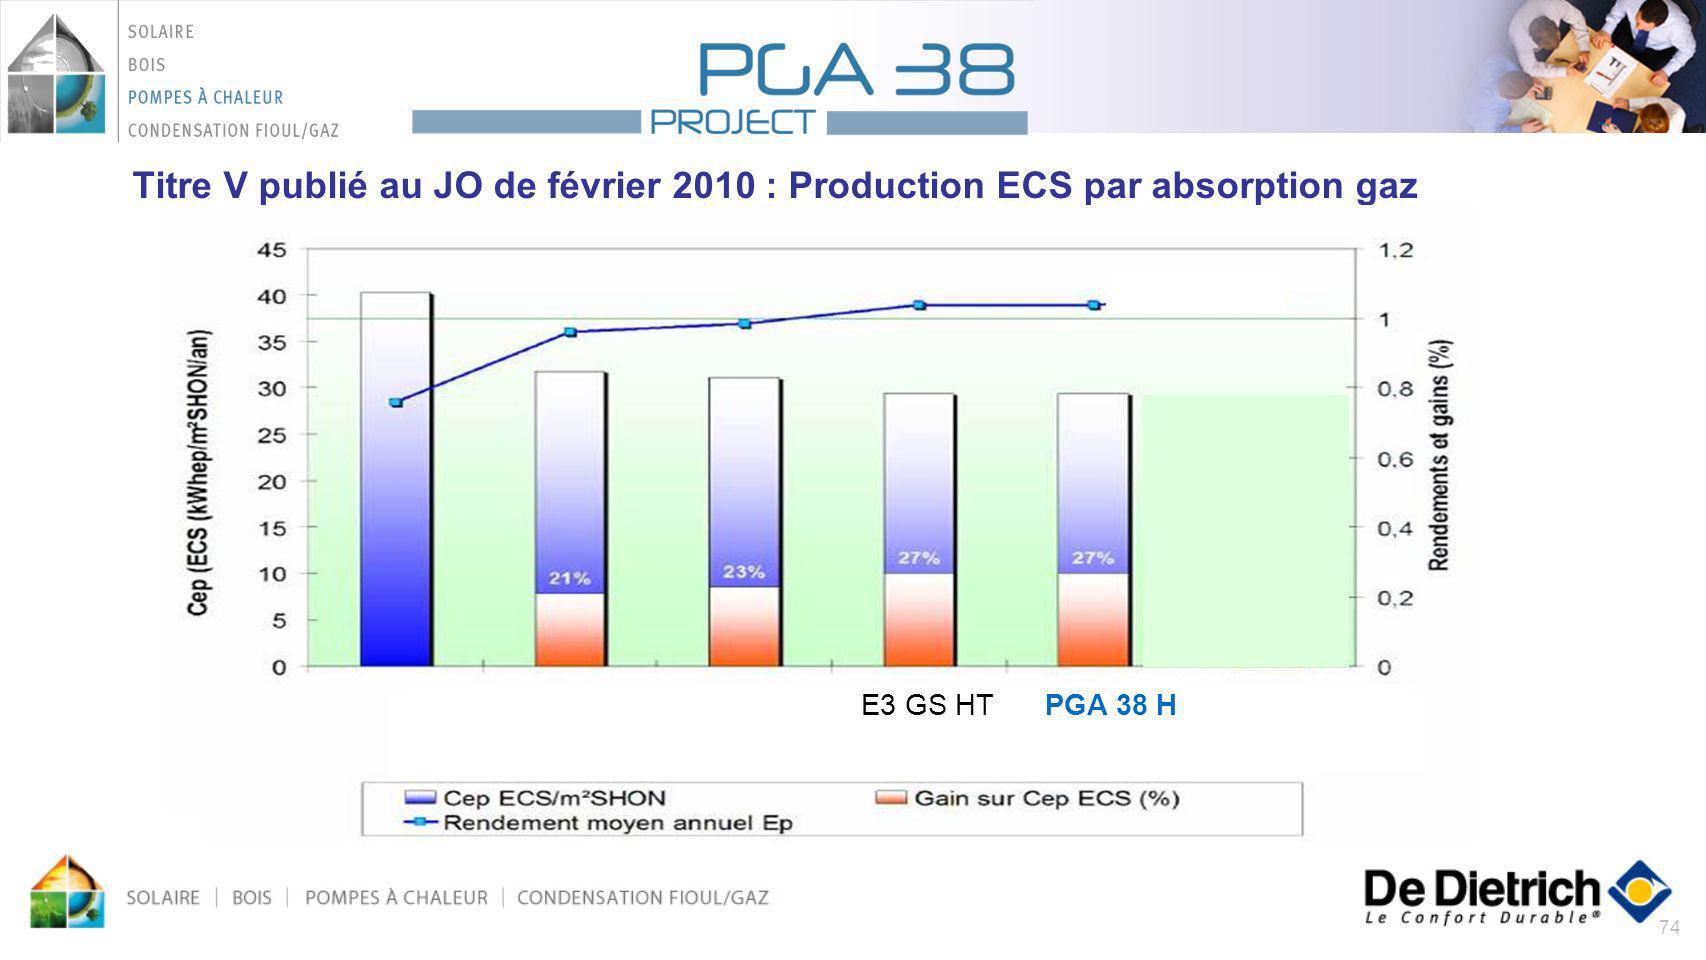 Titre V publié au JO de février 2010 : Production ECS par absorption gaz